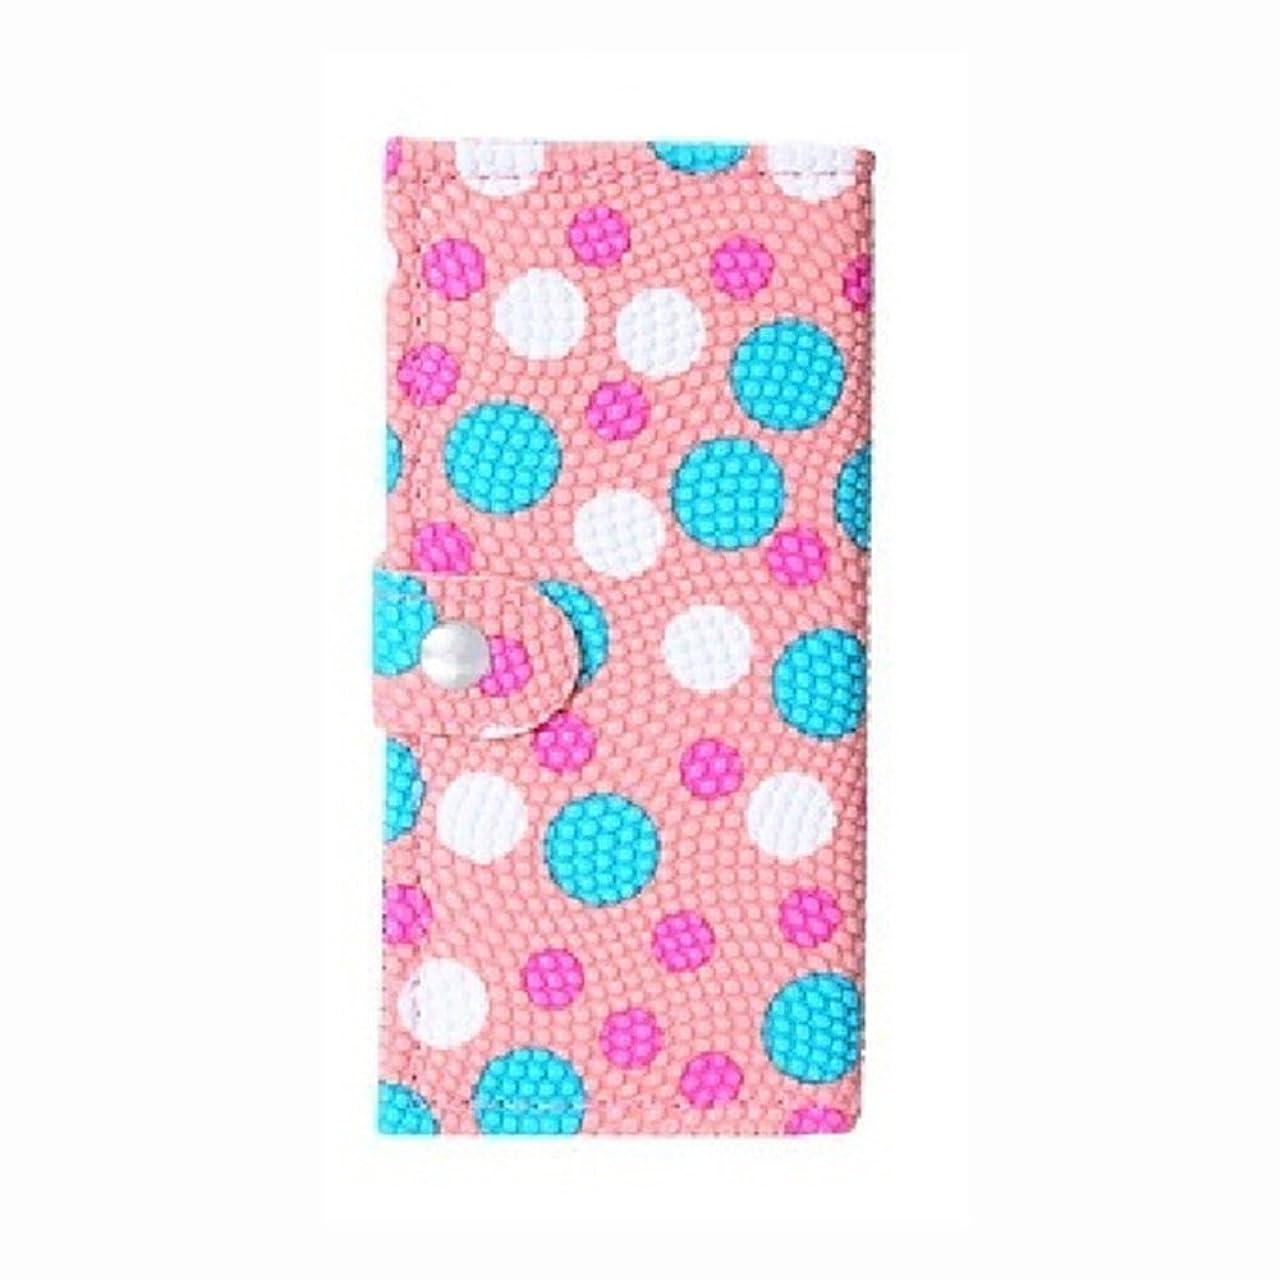 最大化する弱まる関係するLiebeye アイシャドー ダイヤモンド キラキラ パレット メイクアップ マット 化粧品ギフト 18色 ピンク